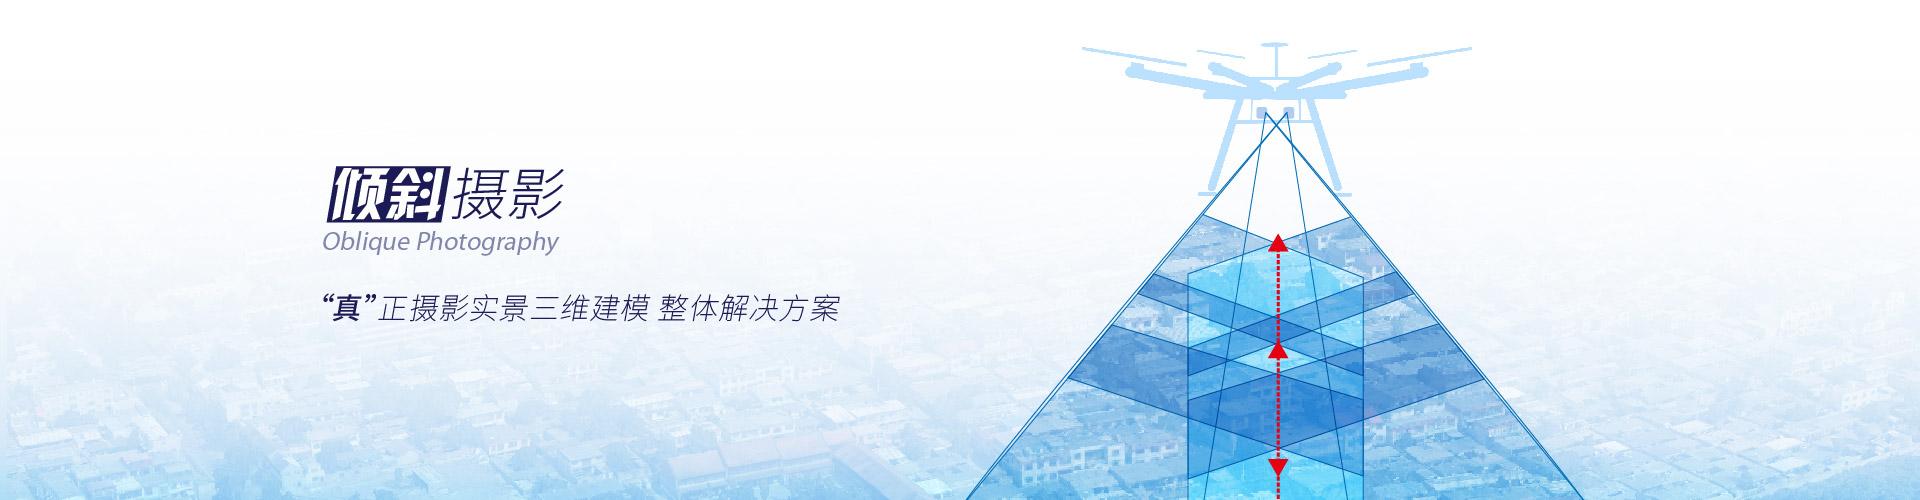 Banner_Landscape